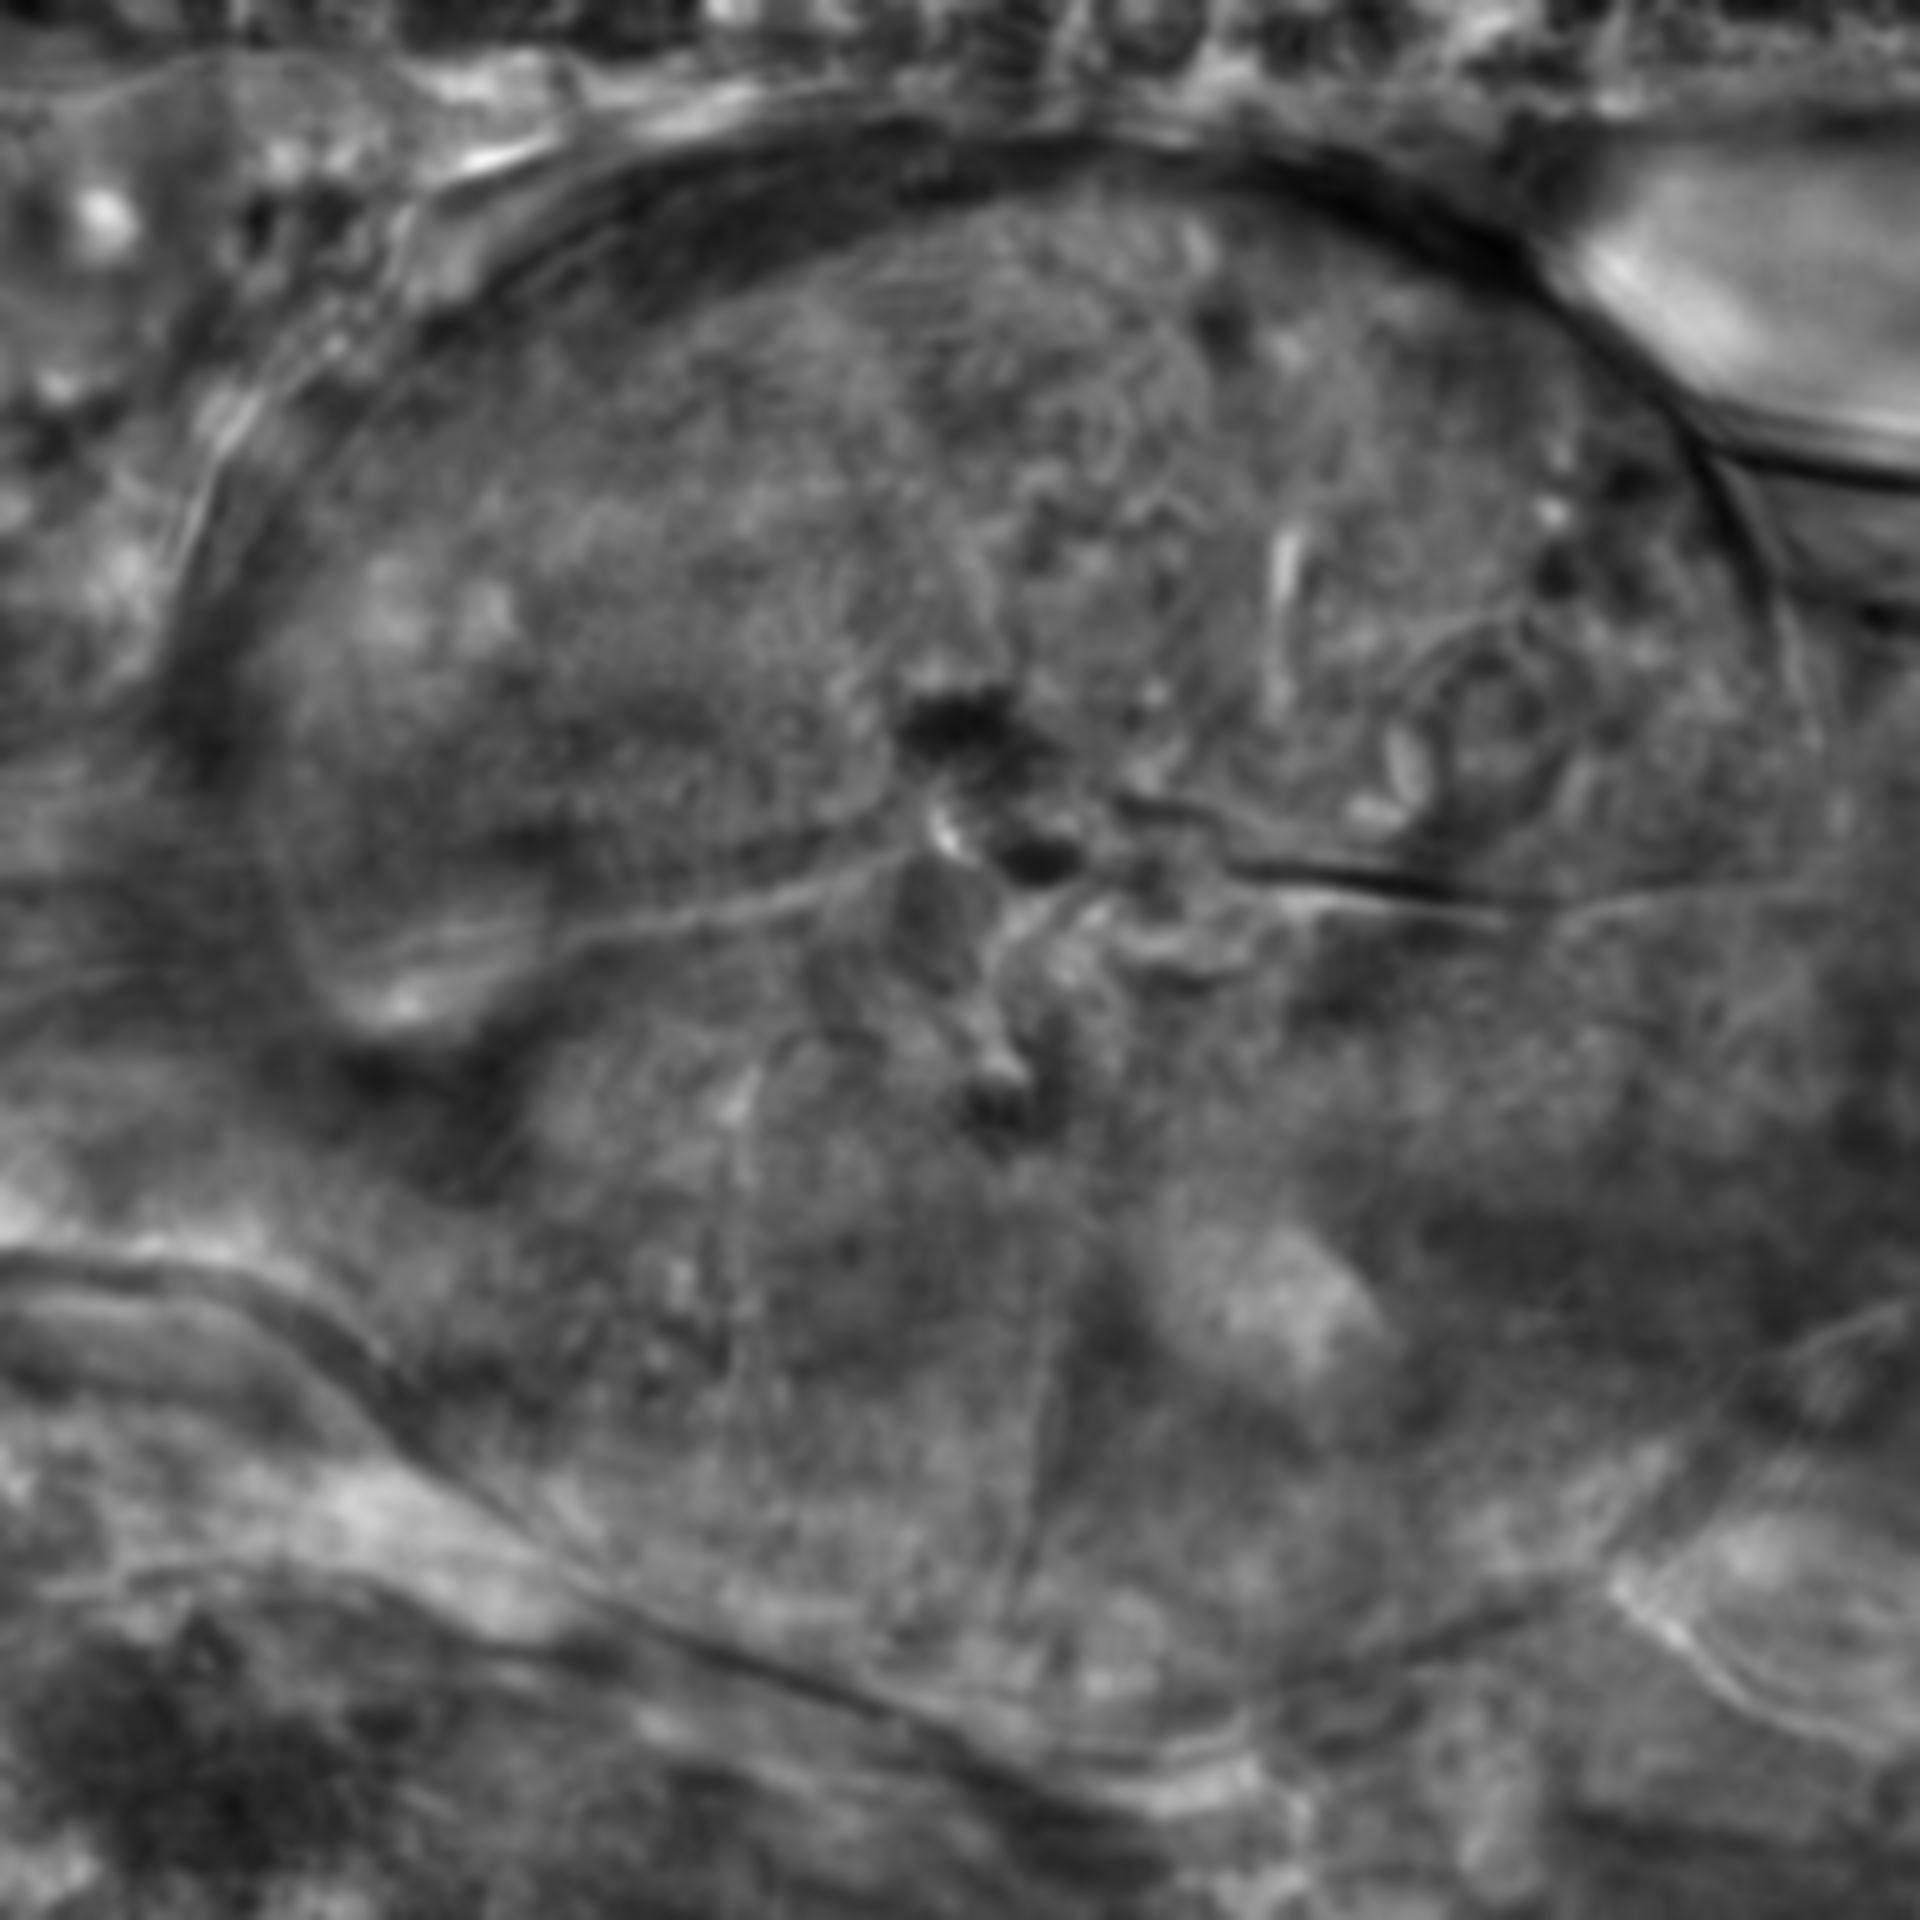 Caenorhabditis elegans - CIL:2170